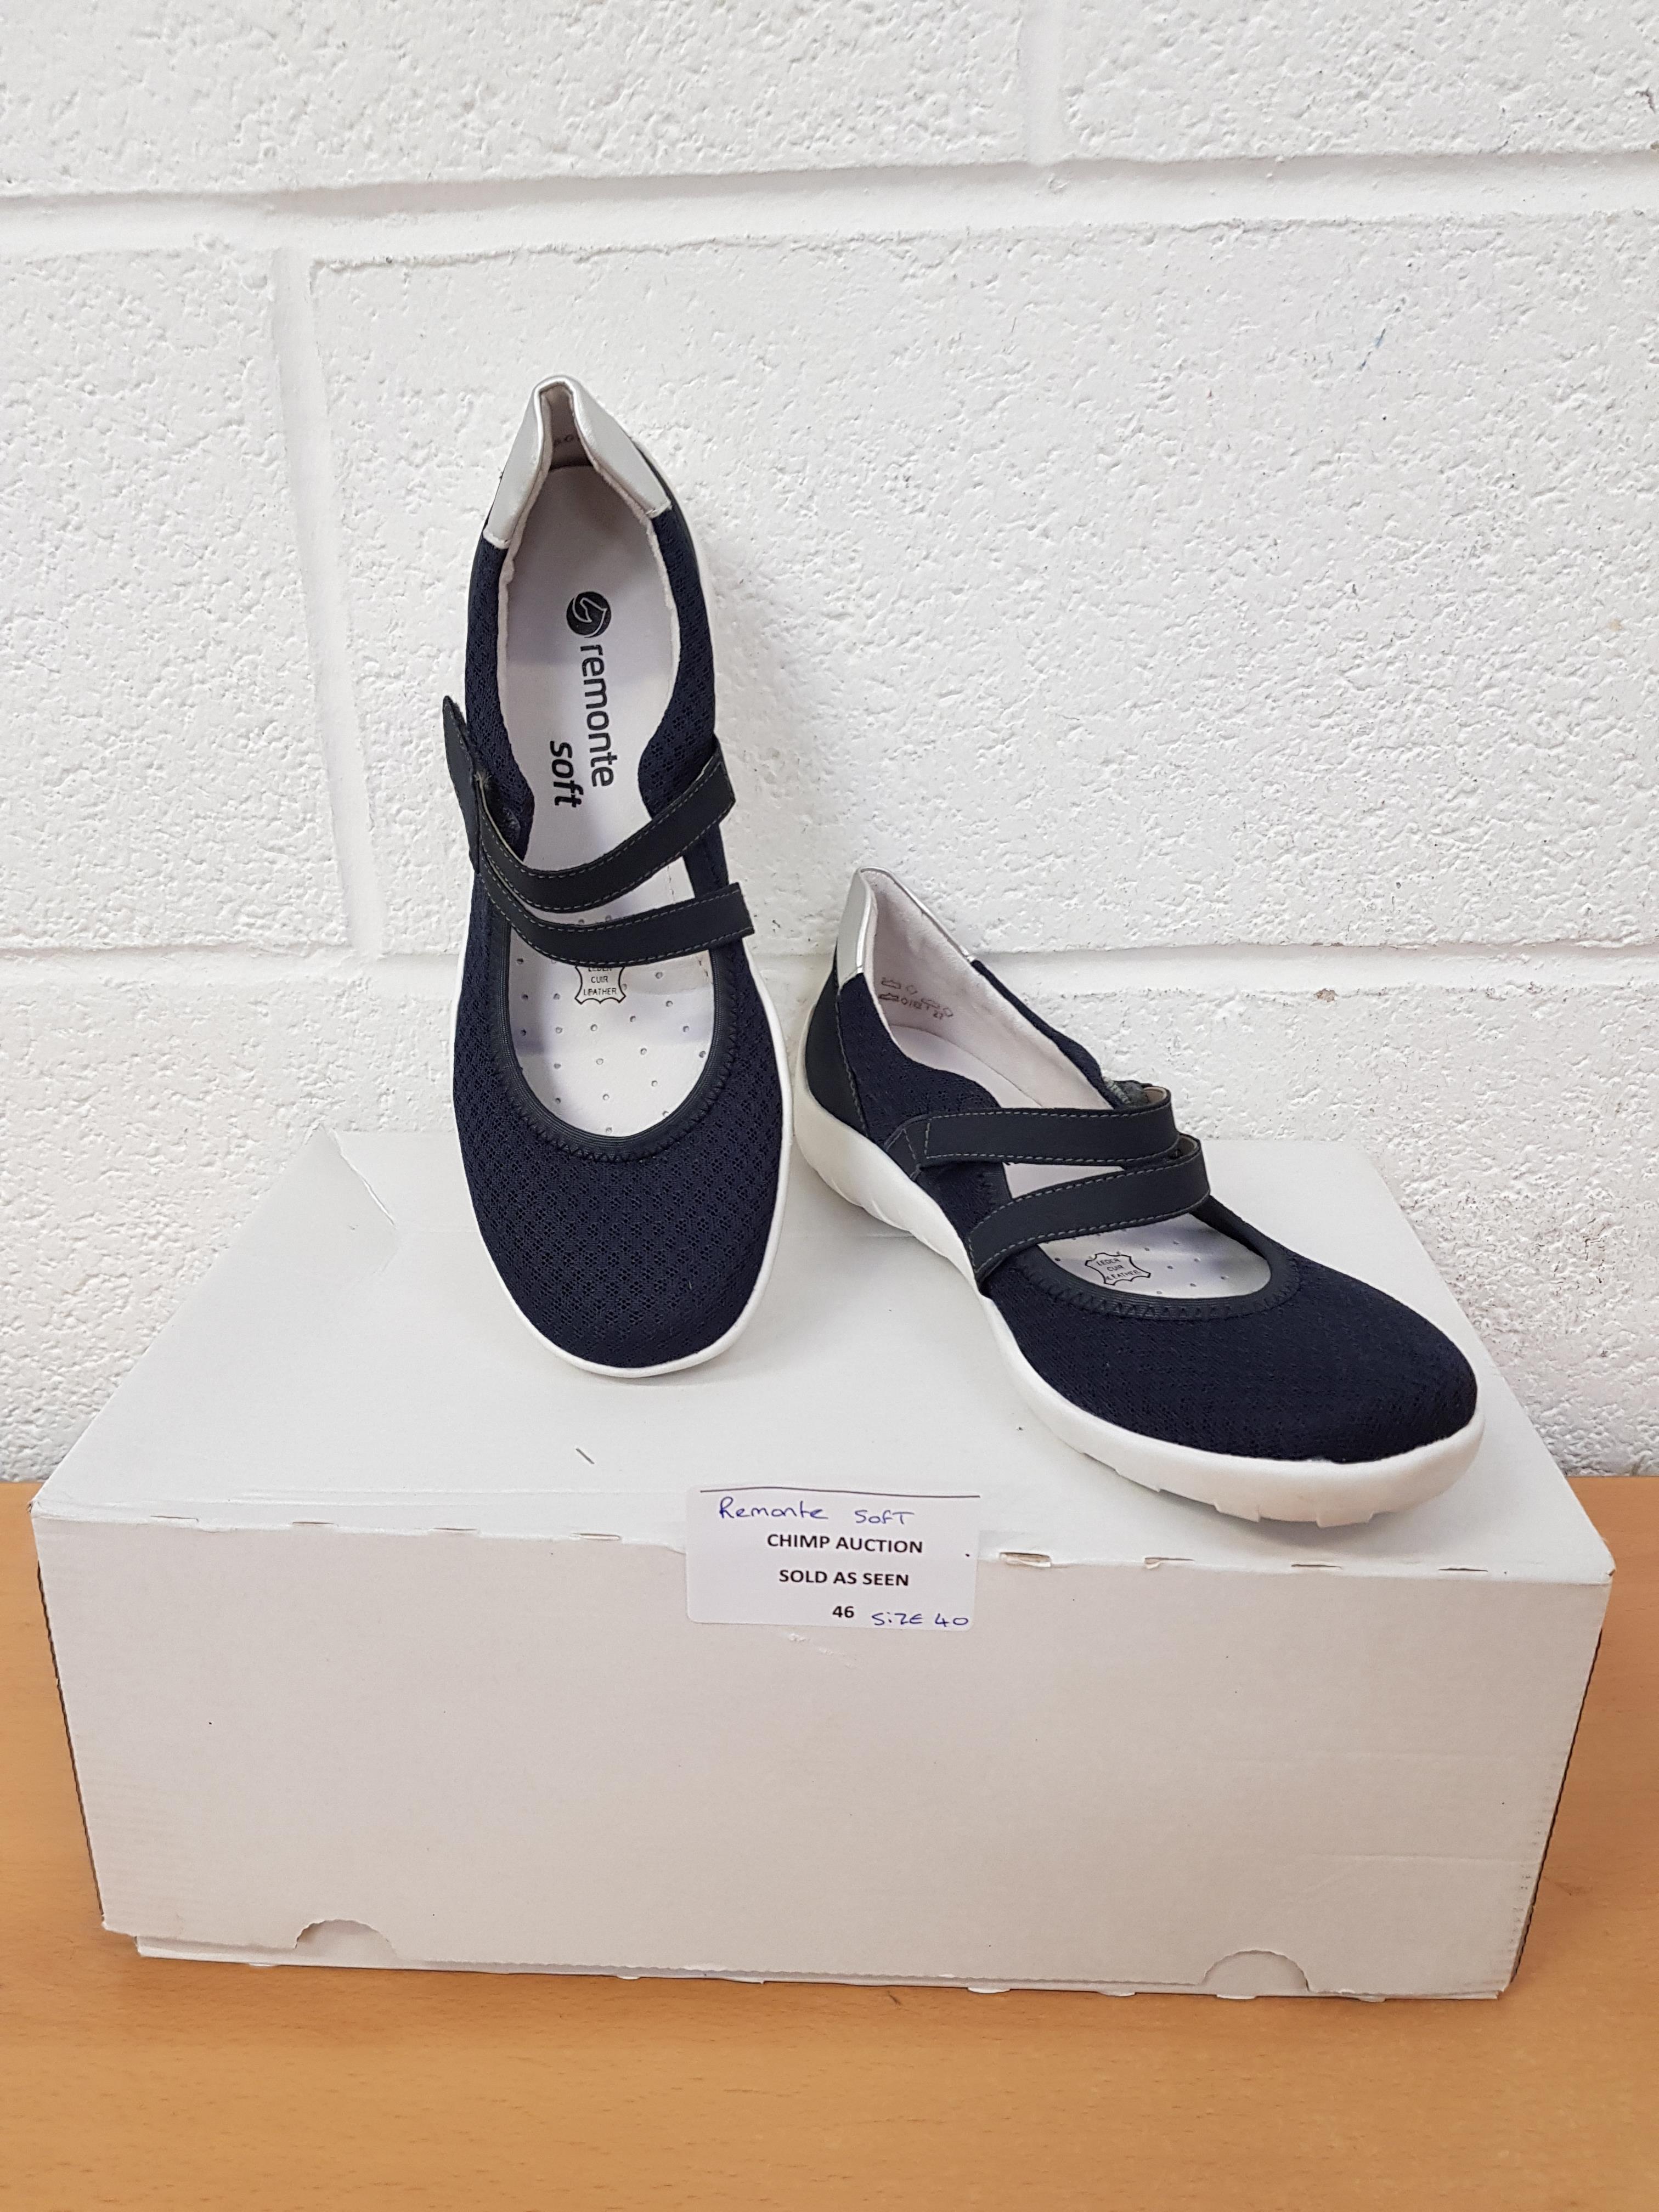 Lot 46 - Remonte Soft ladies shoes EU 40